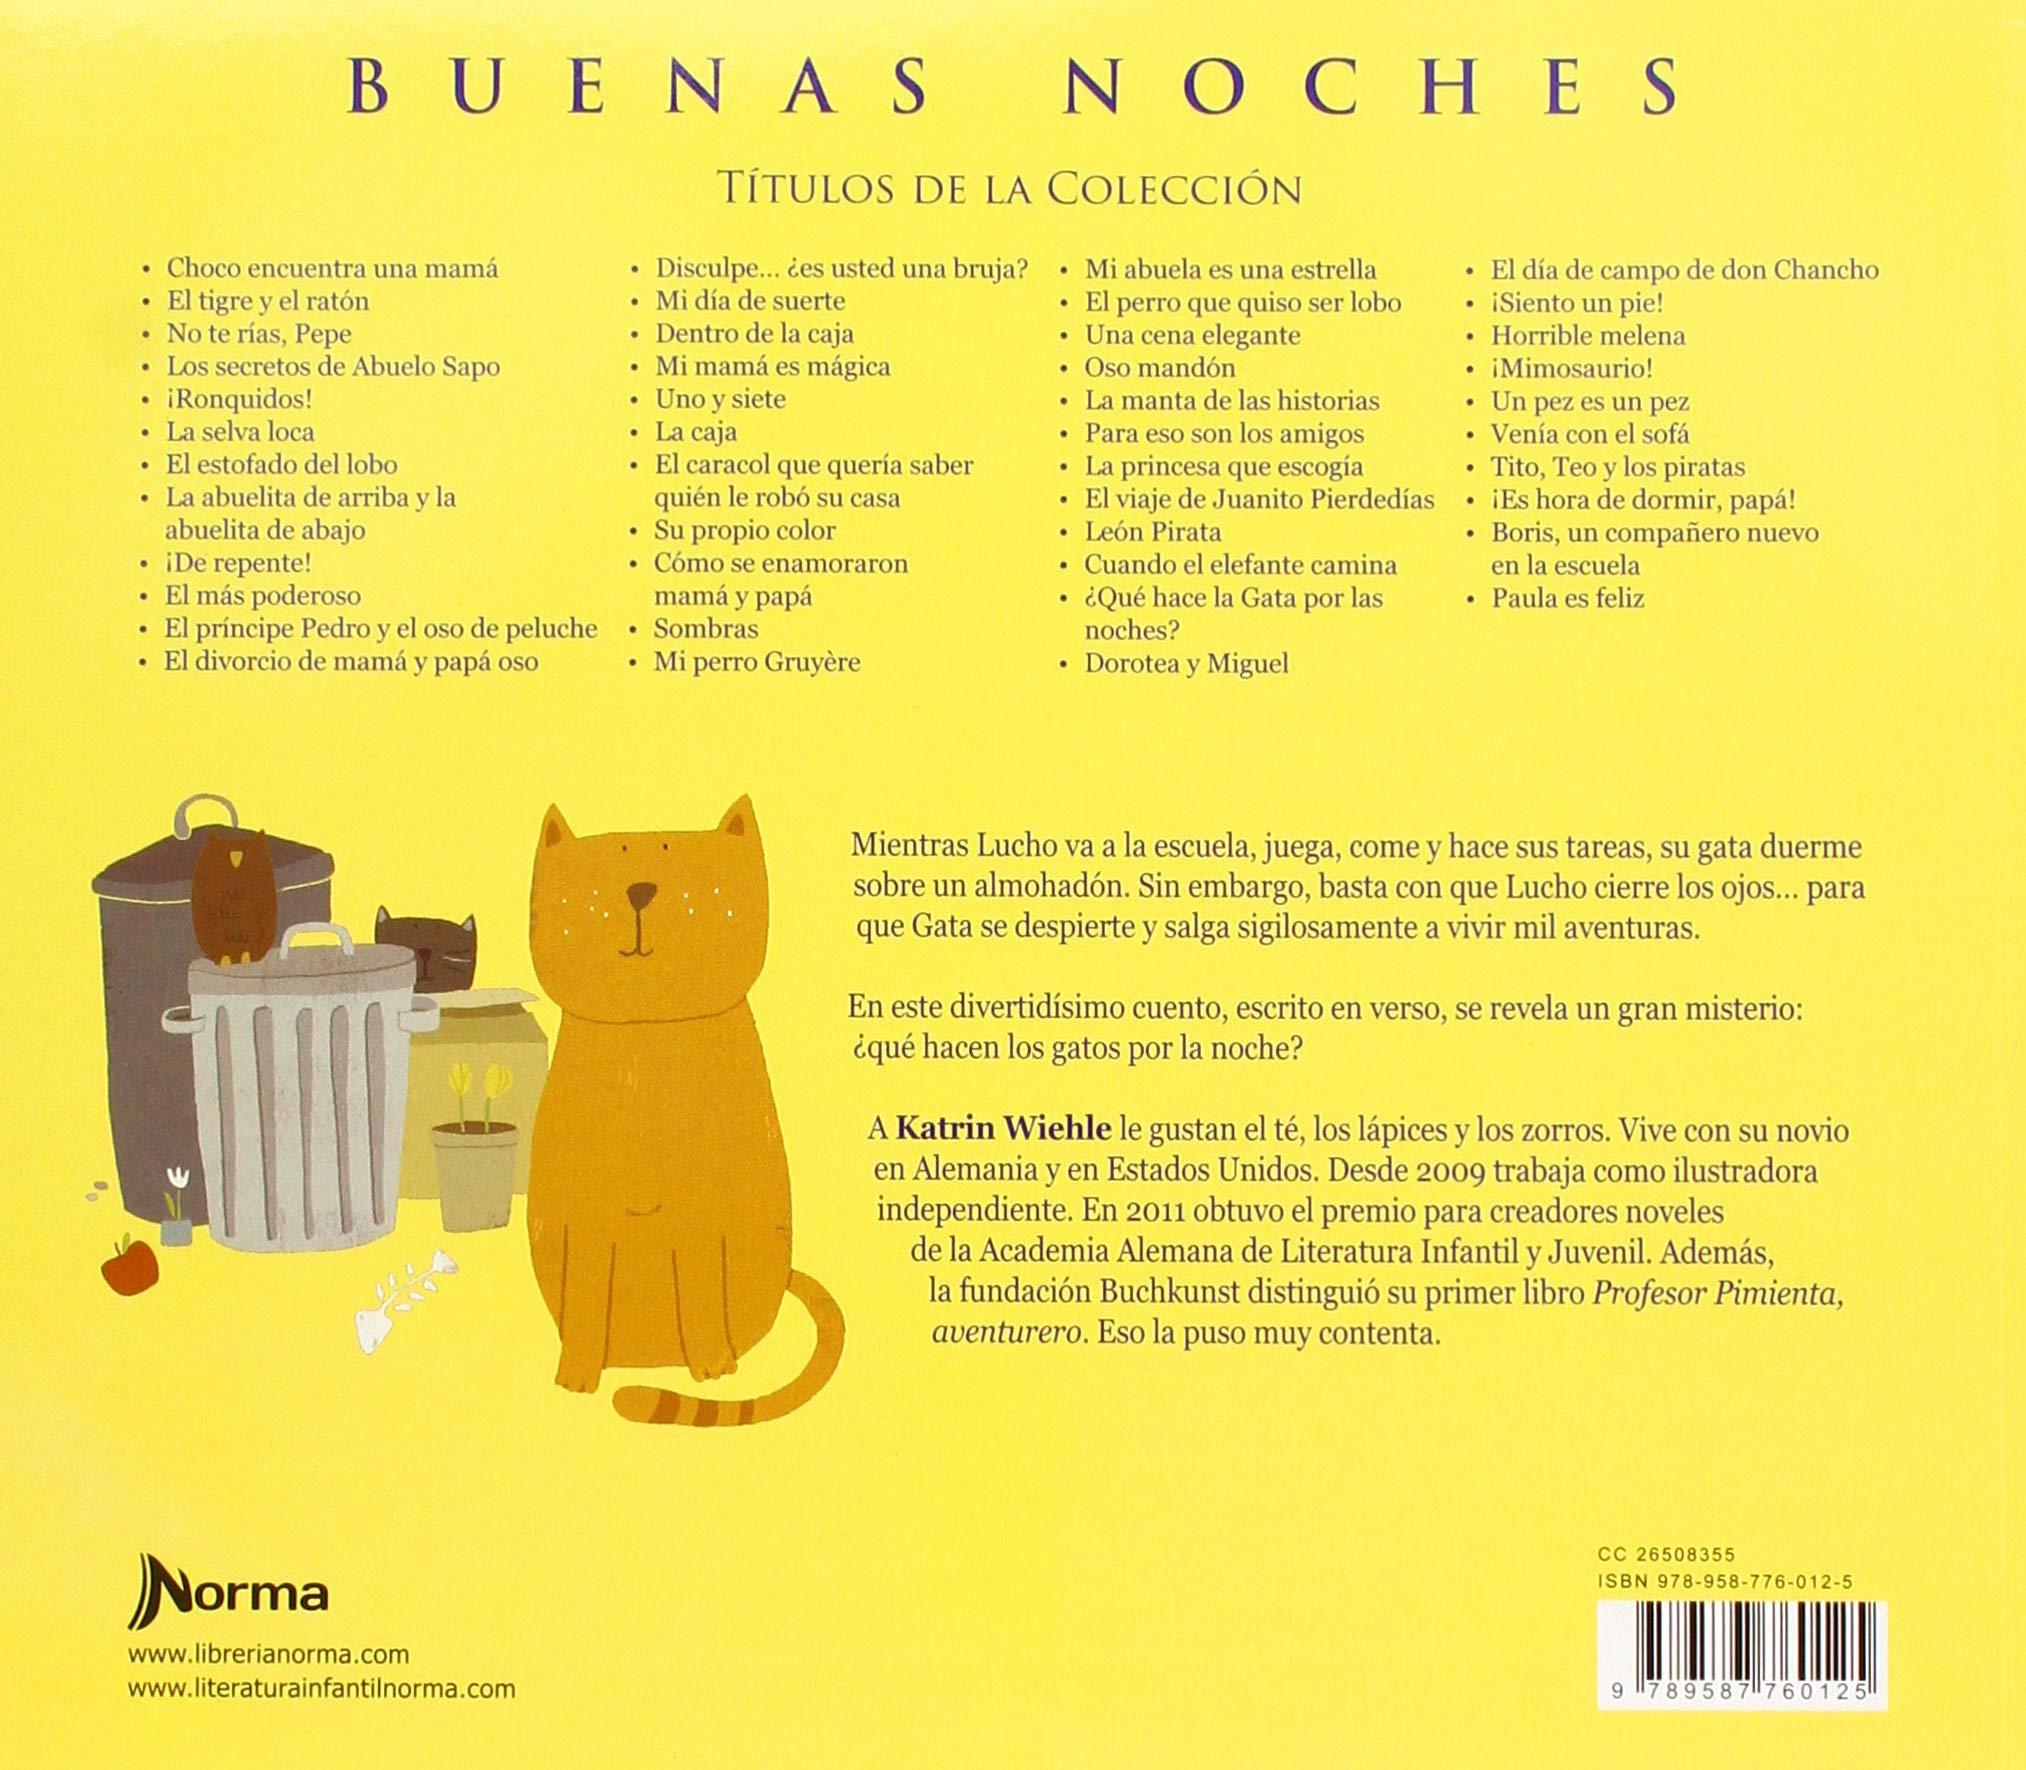 Que Hace La Gata Por Las Noches? (Buenas Noches) (Spanish Edition): Katrin Wiehle: 9789587760125: Amazon.com: Books